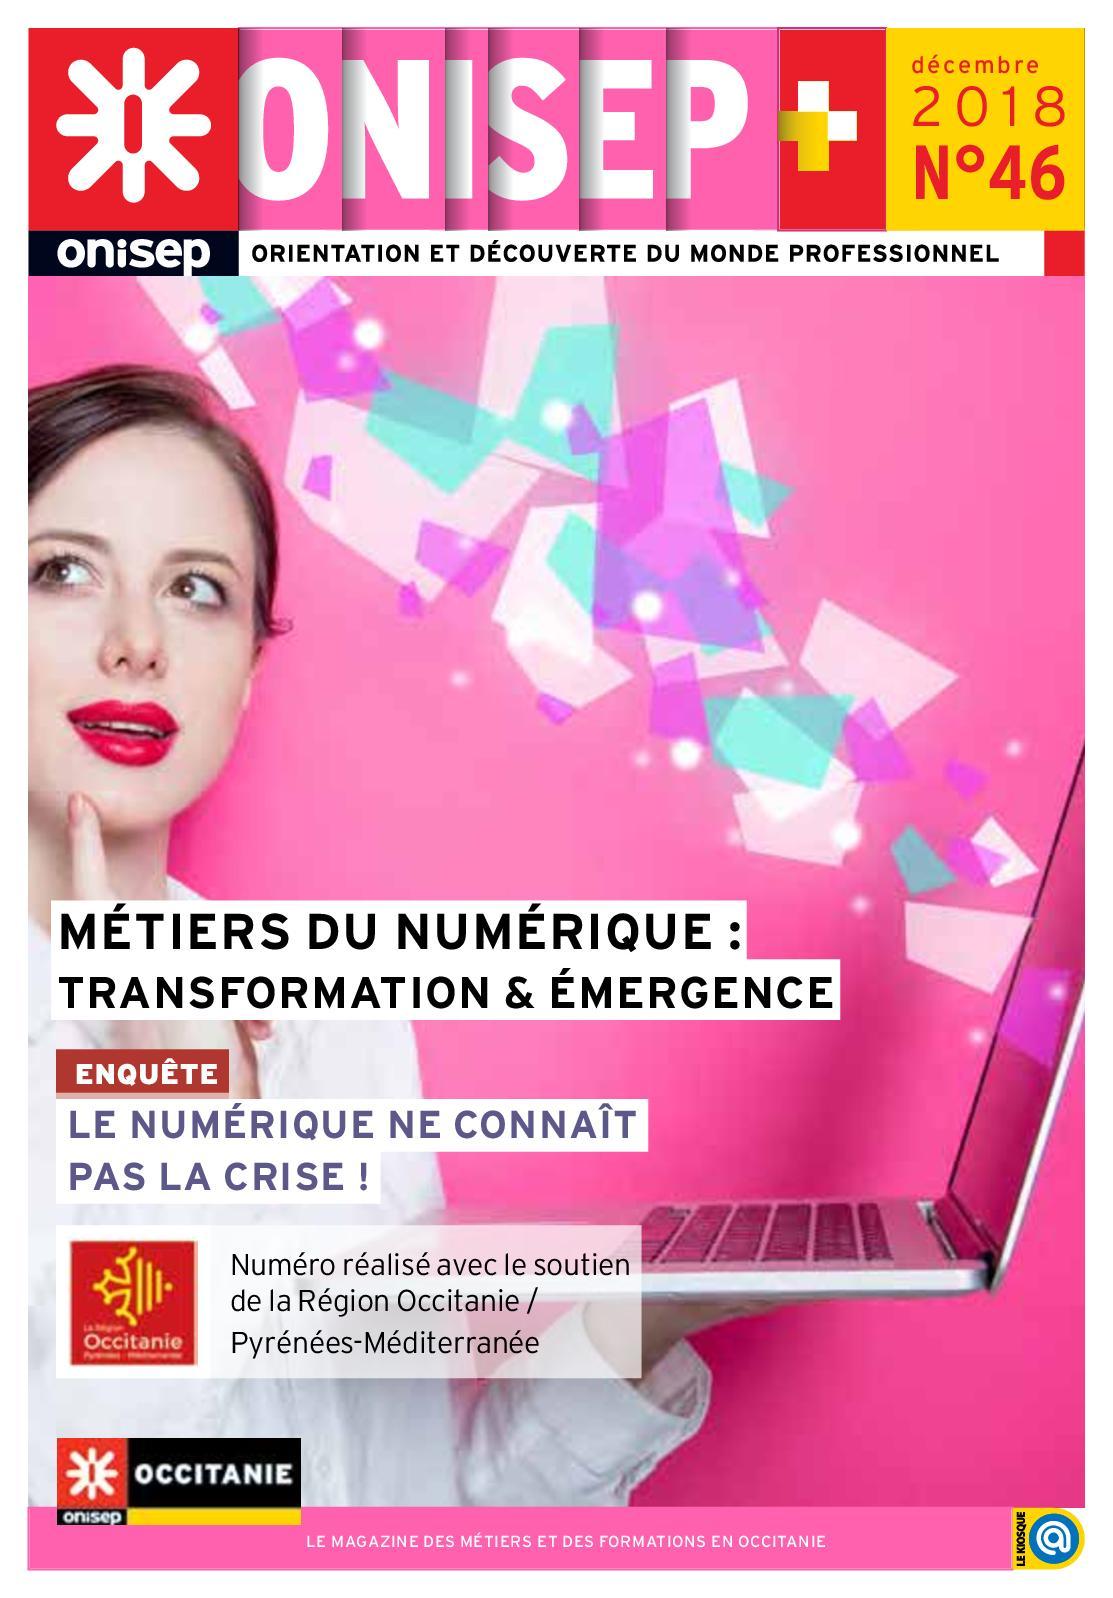 ce779b7c75a Calaméo - Guide Onisep Occitanie   Métiers Du Numérique - Dec 2018